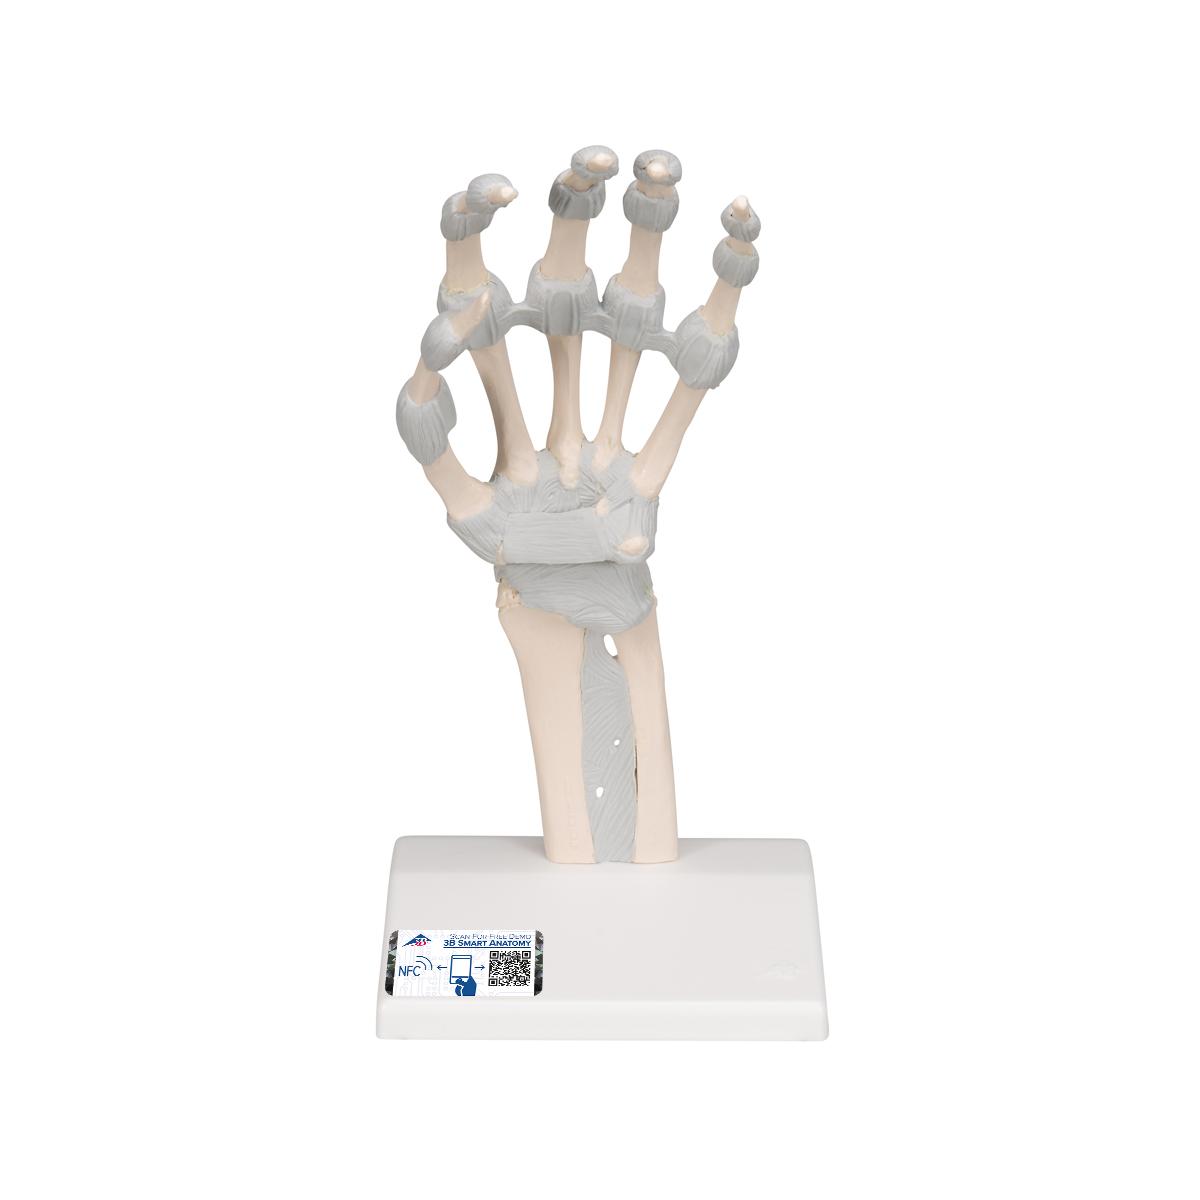 Handskelett mit elastischen Bändern - M36 - 1013683 - Hand- und ...